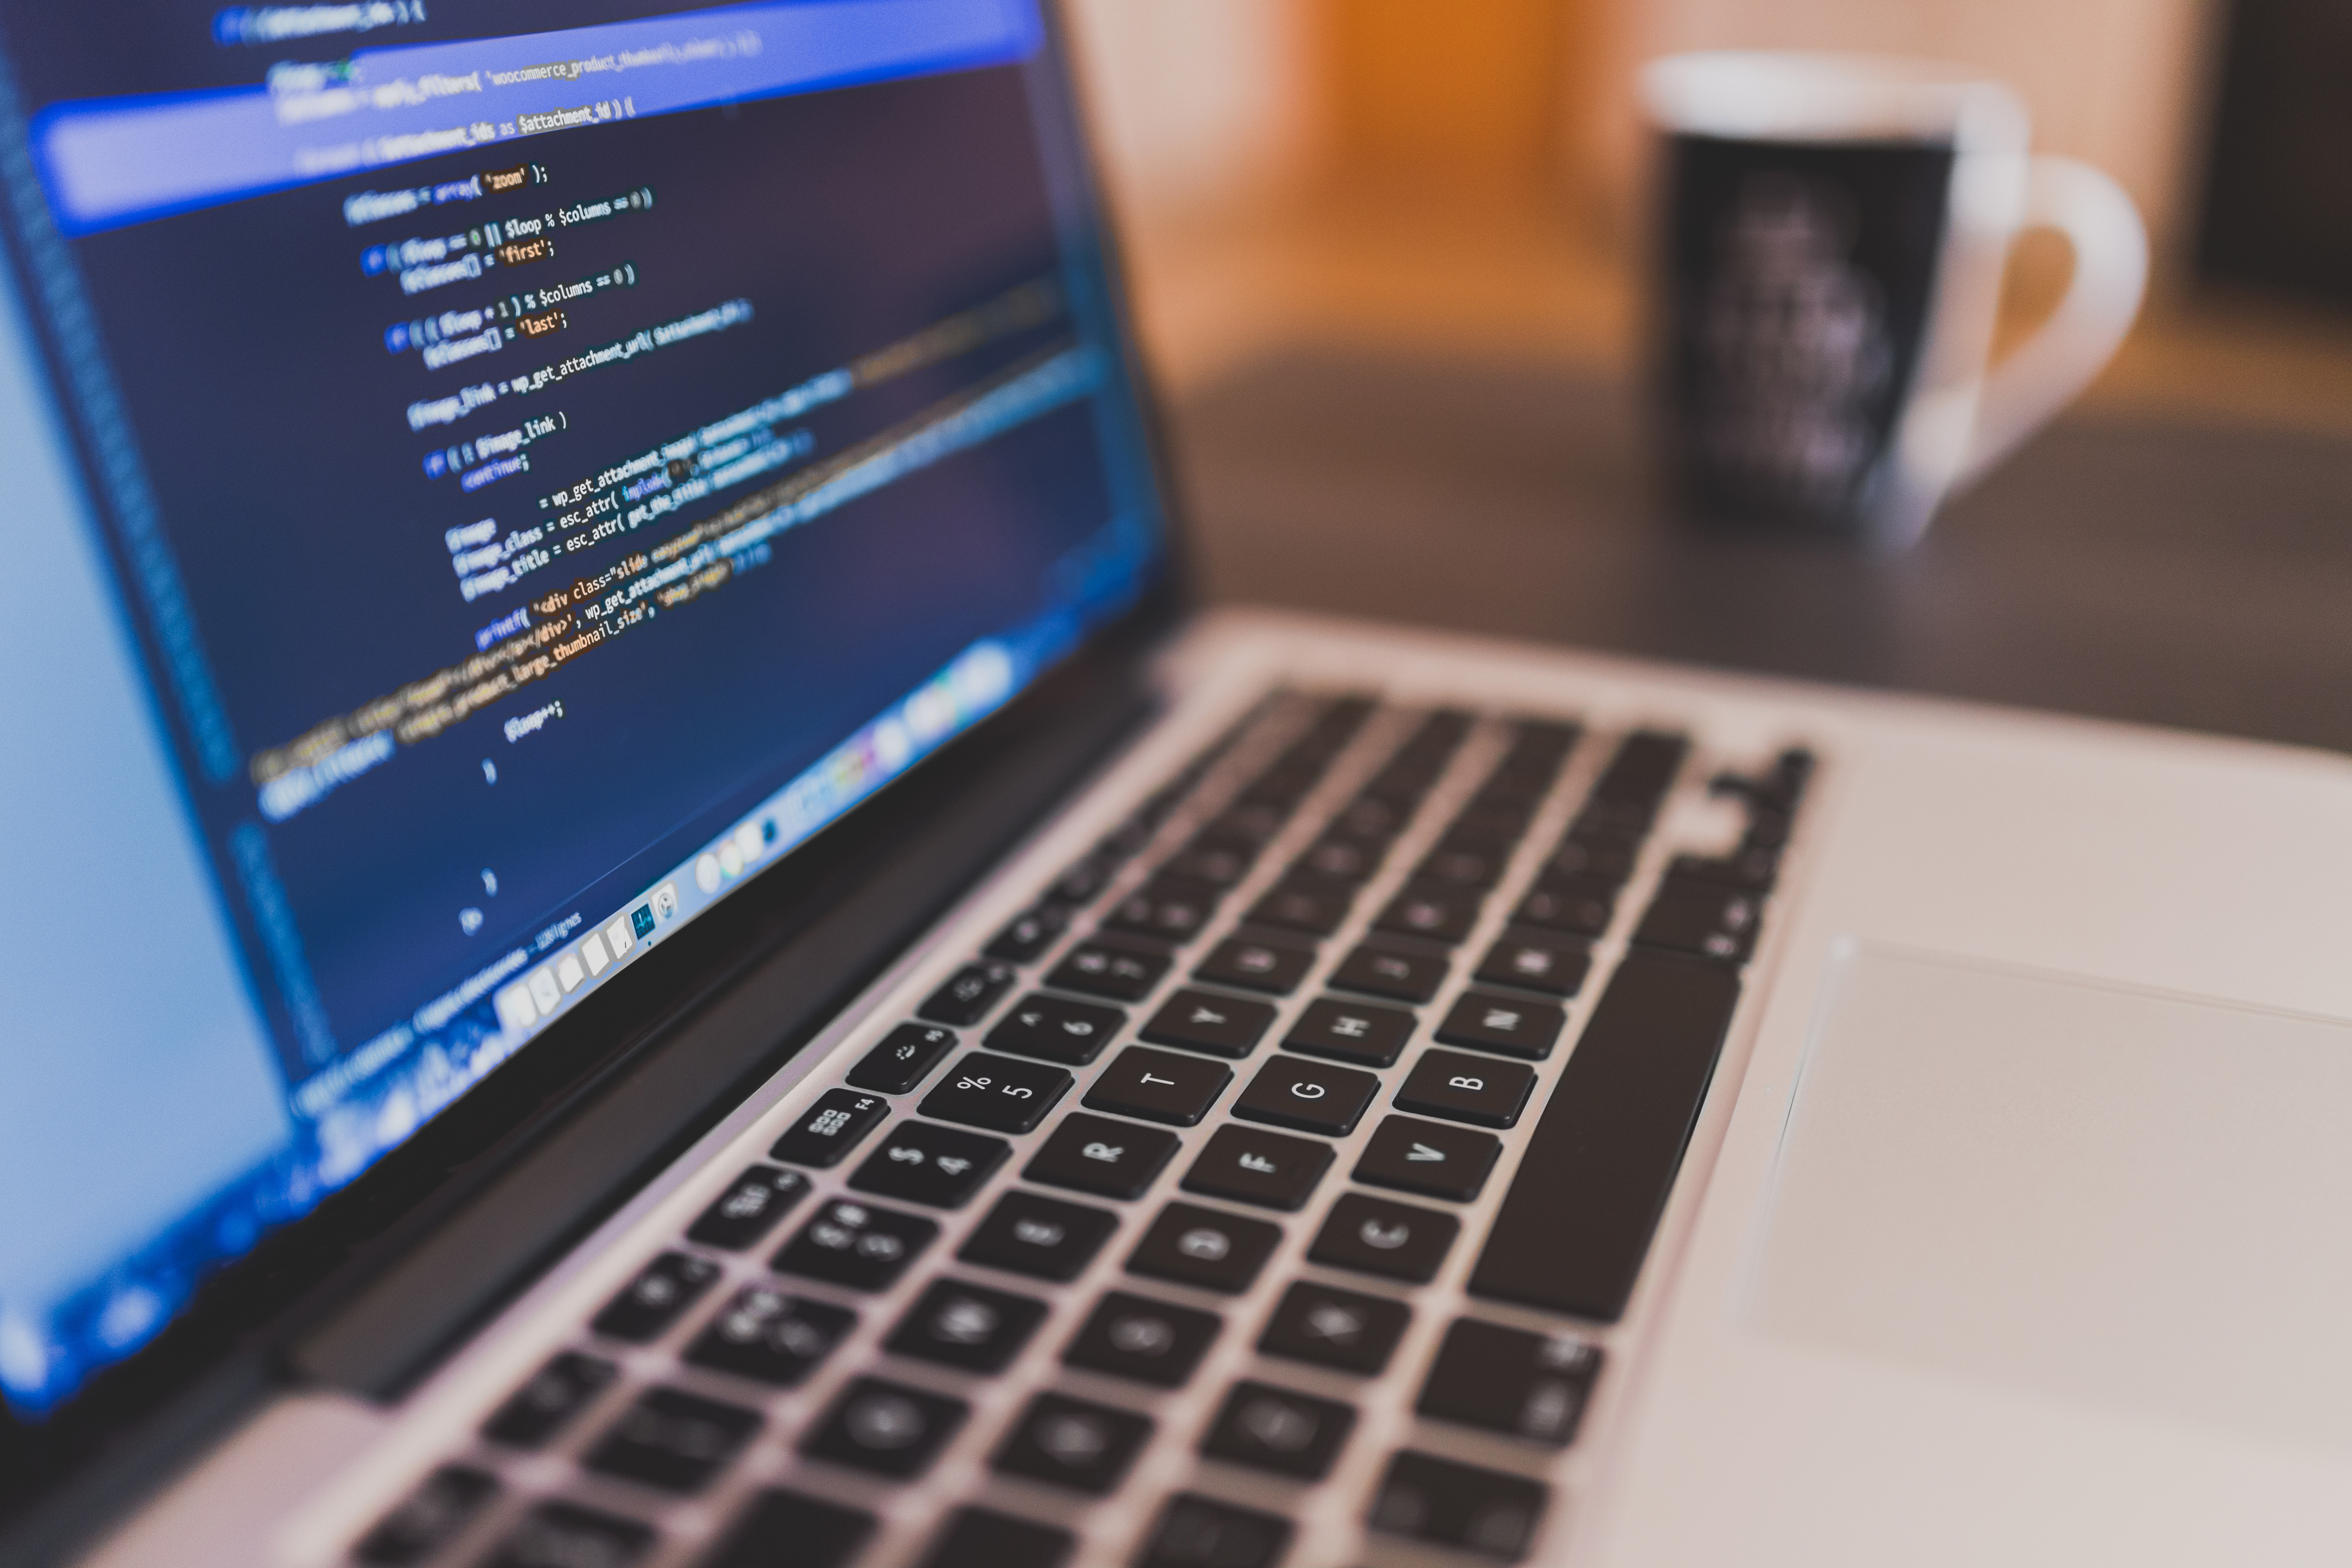 Praca społeczna programistów - Początki z Open Source